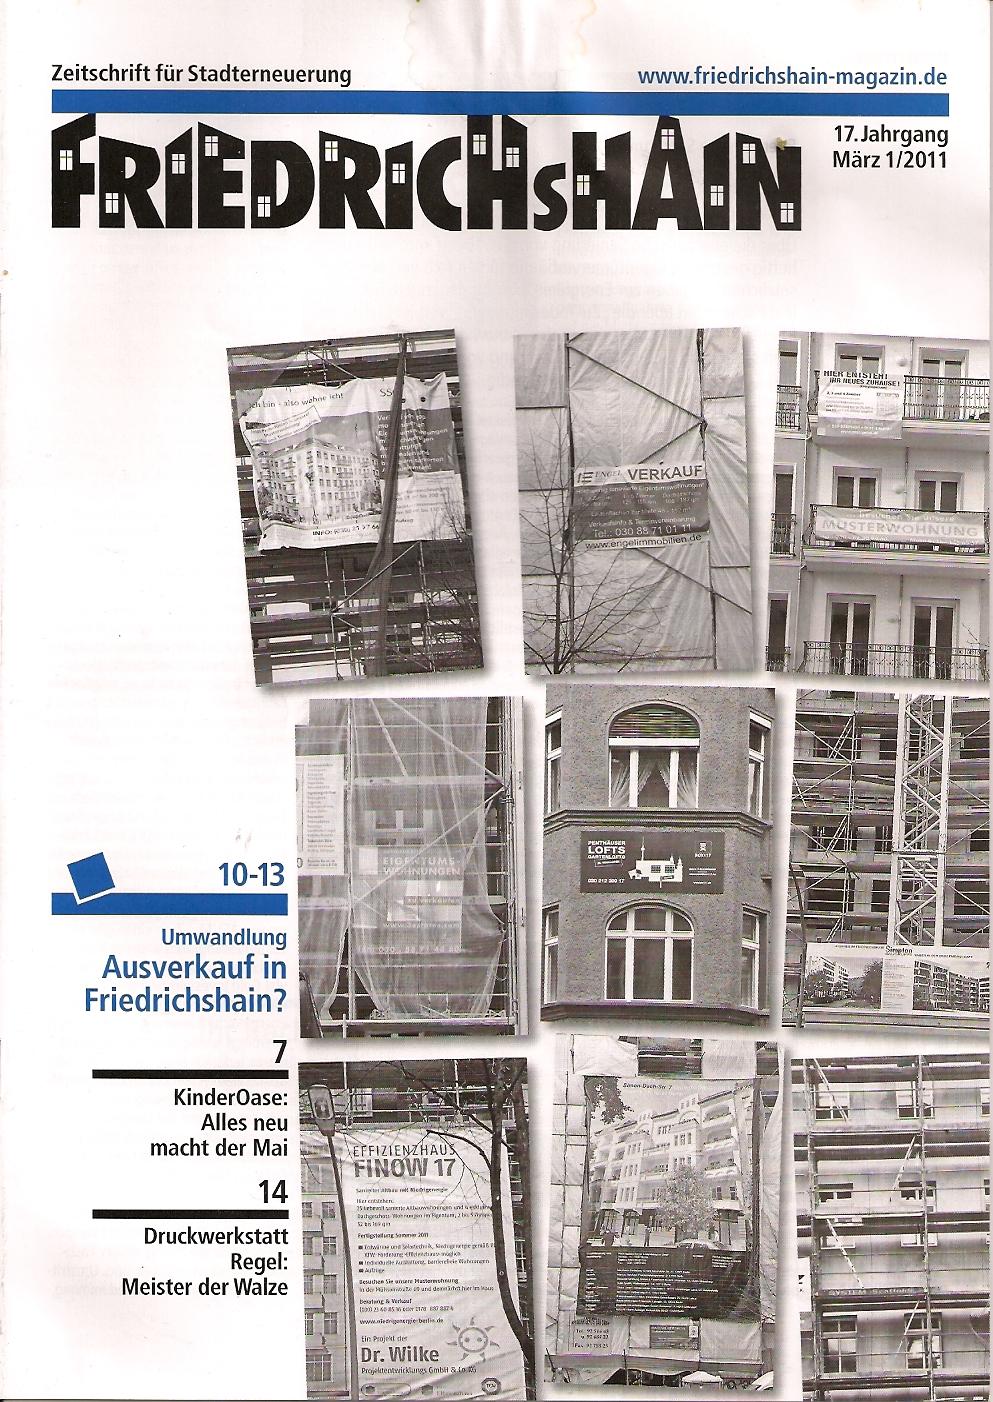 Friedrichshain März 2011 Zeitschrift für Stadterneuerung